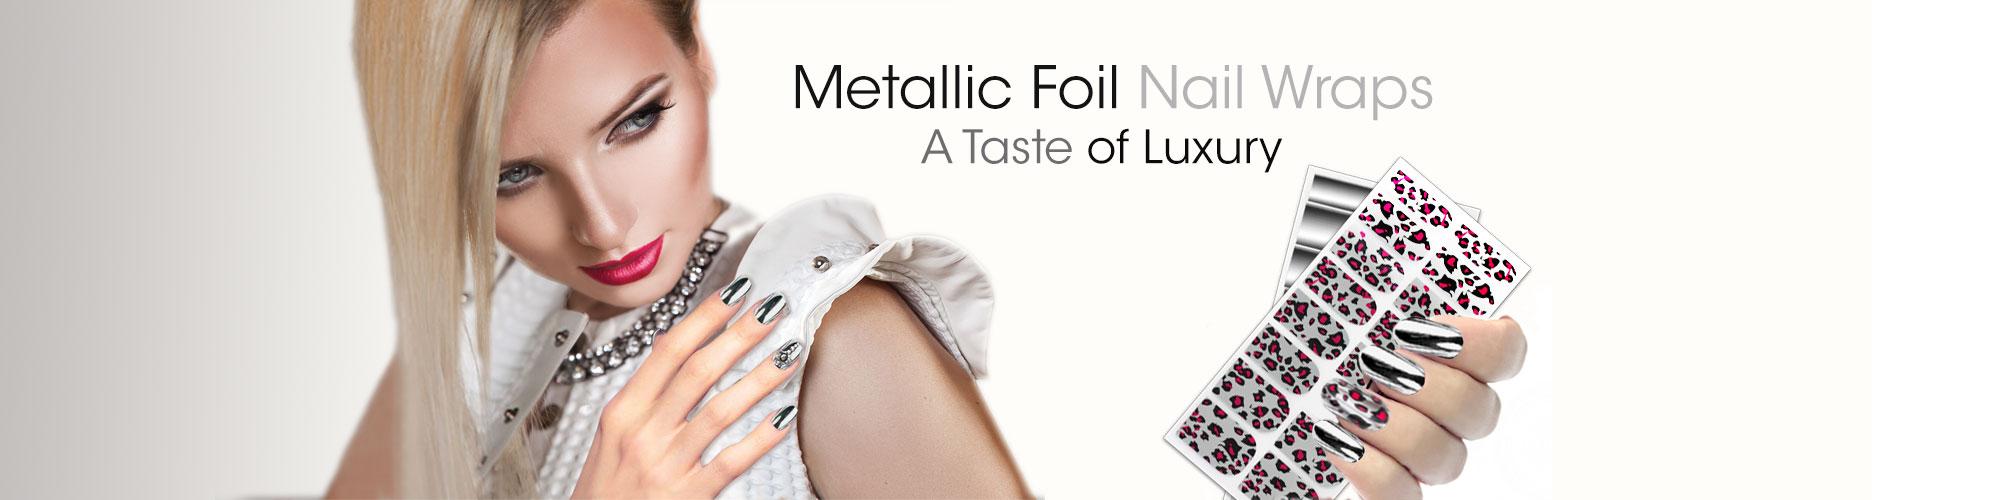 Metaic-nails-banner---responsiveFLAT.jpg